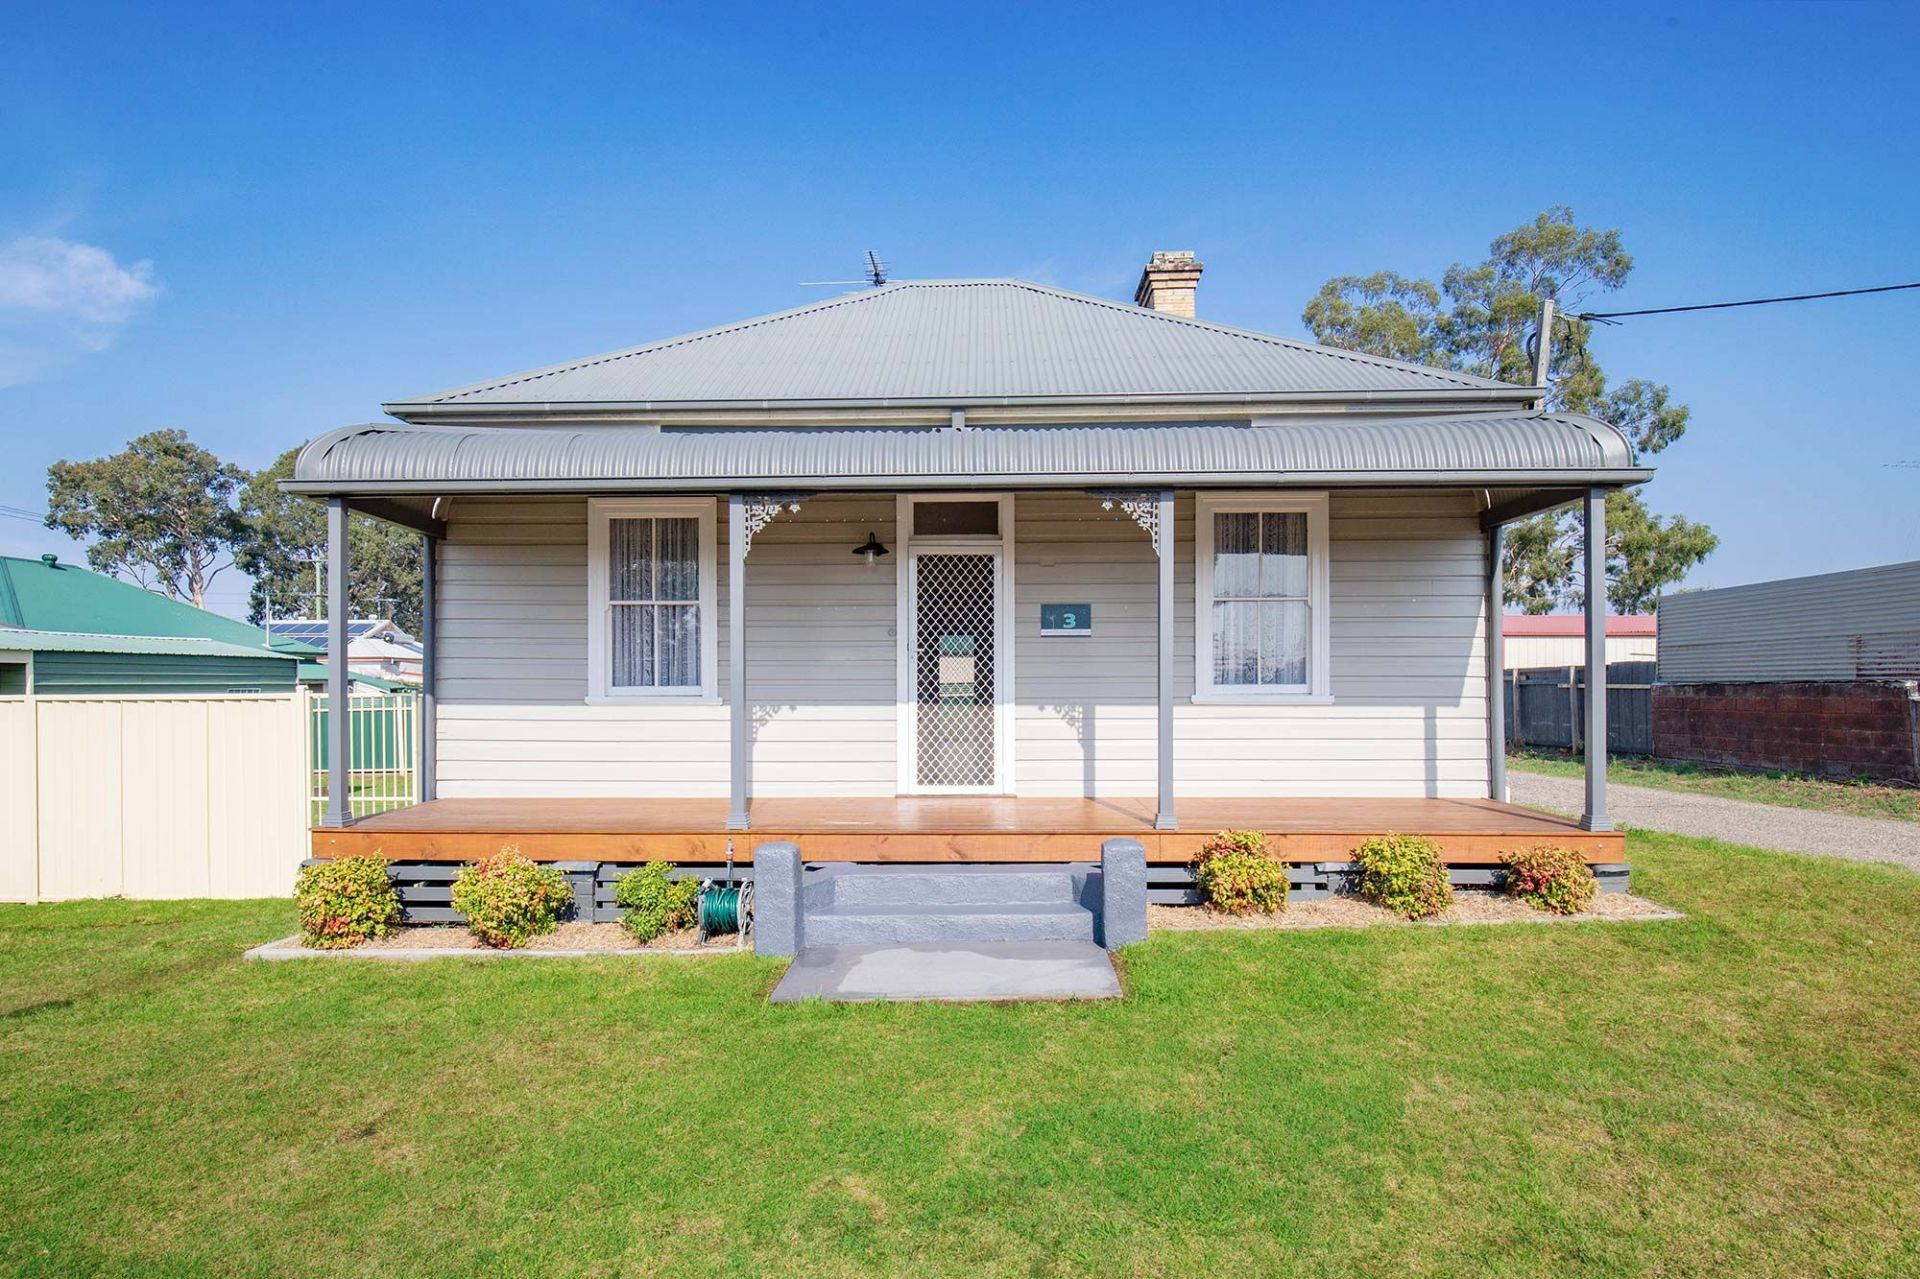 ABERDARE, NSW 2325